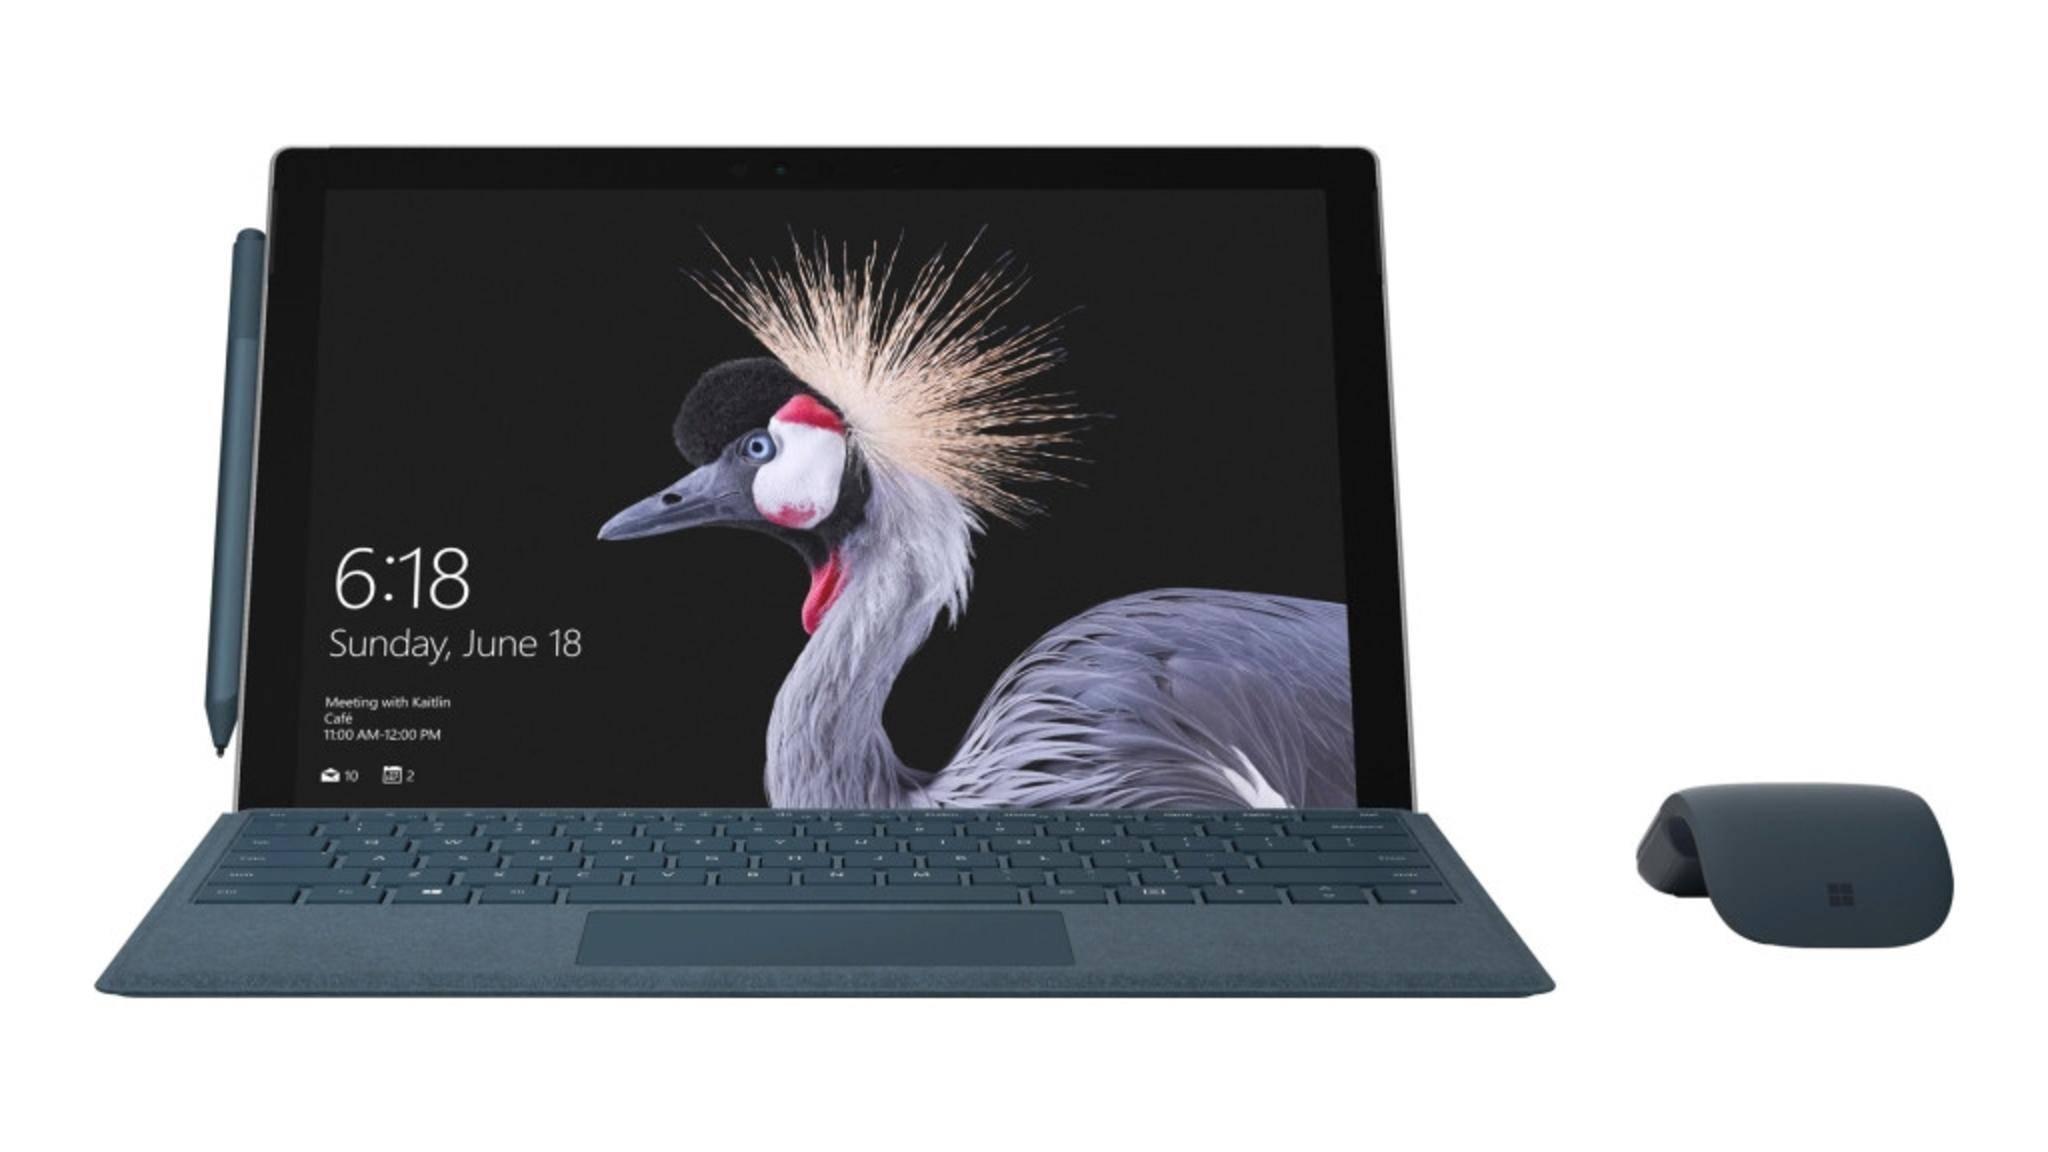 Das neue Surface Pro sieht aus wie das Surface Pro 4, kommt aber mit neuen Farbvarianten für Tastatur und Stift.